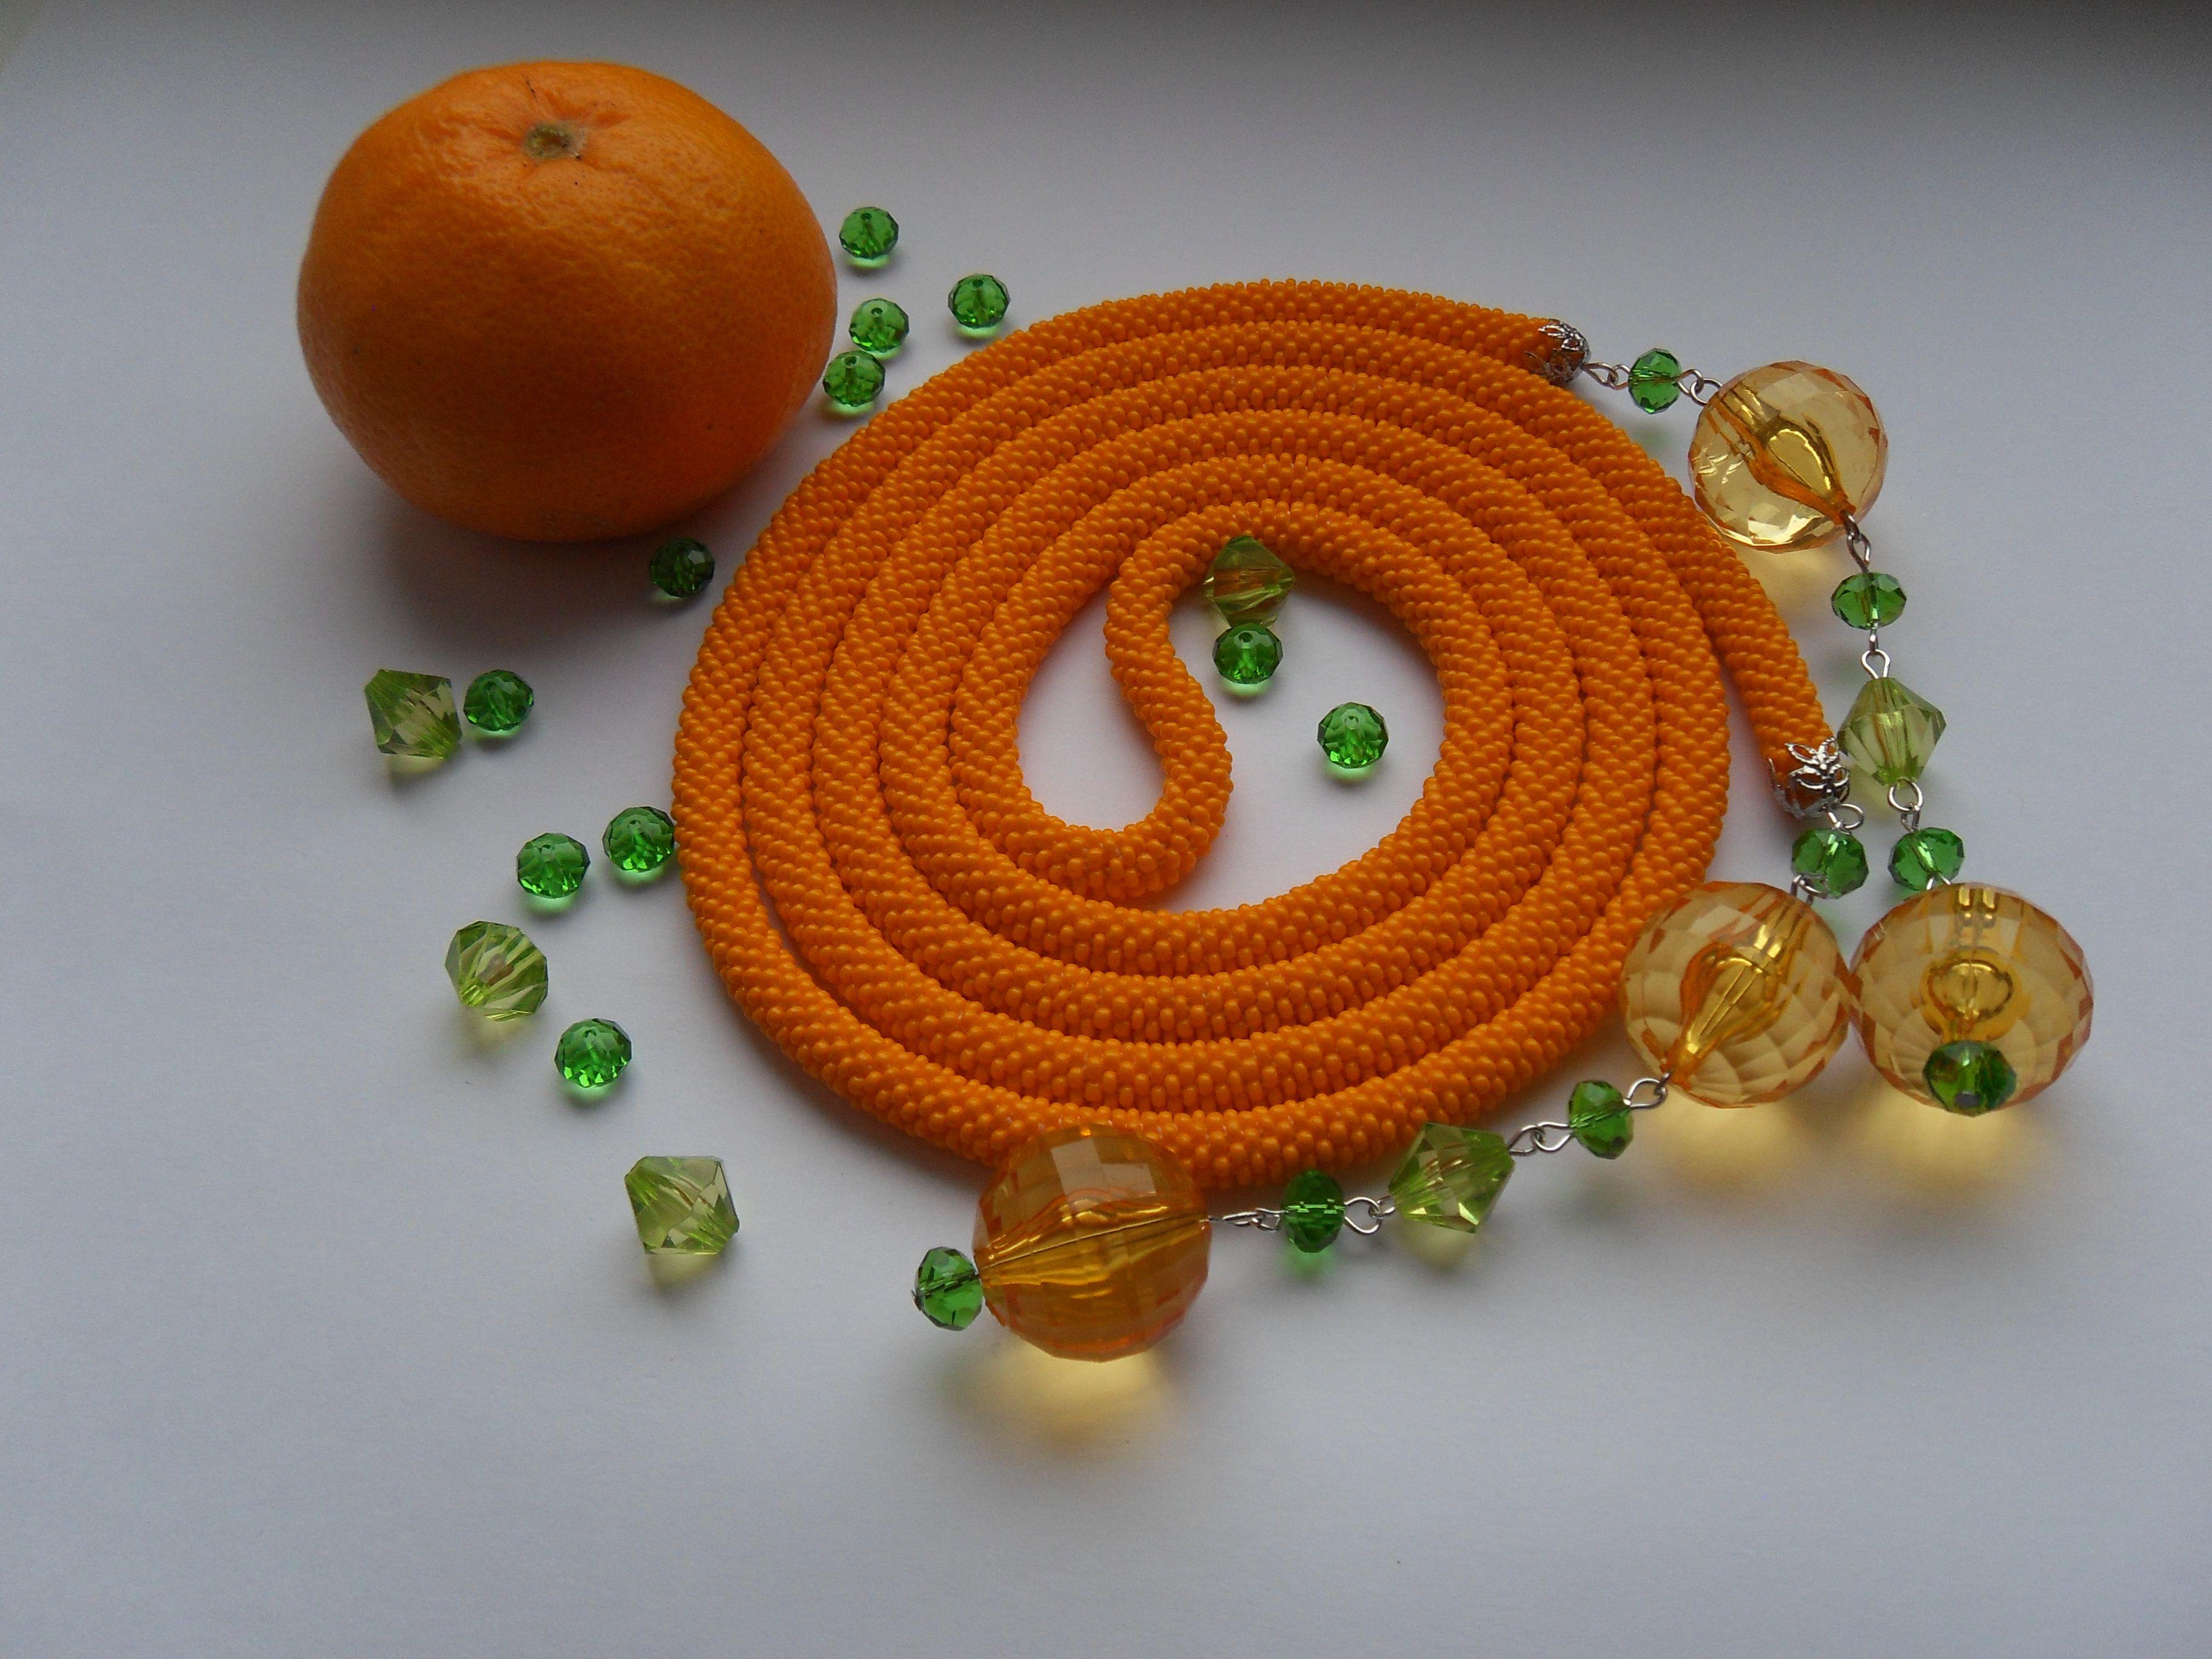 бисер купить жгутизбисера лариат украшение аленаэир оранжевый вязаныйжгут